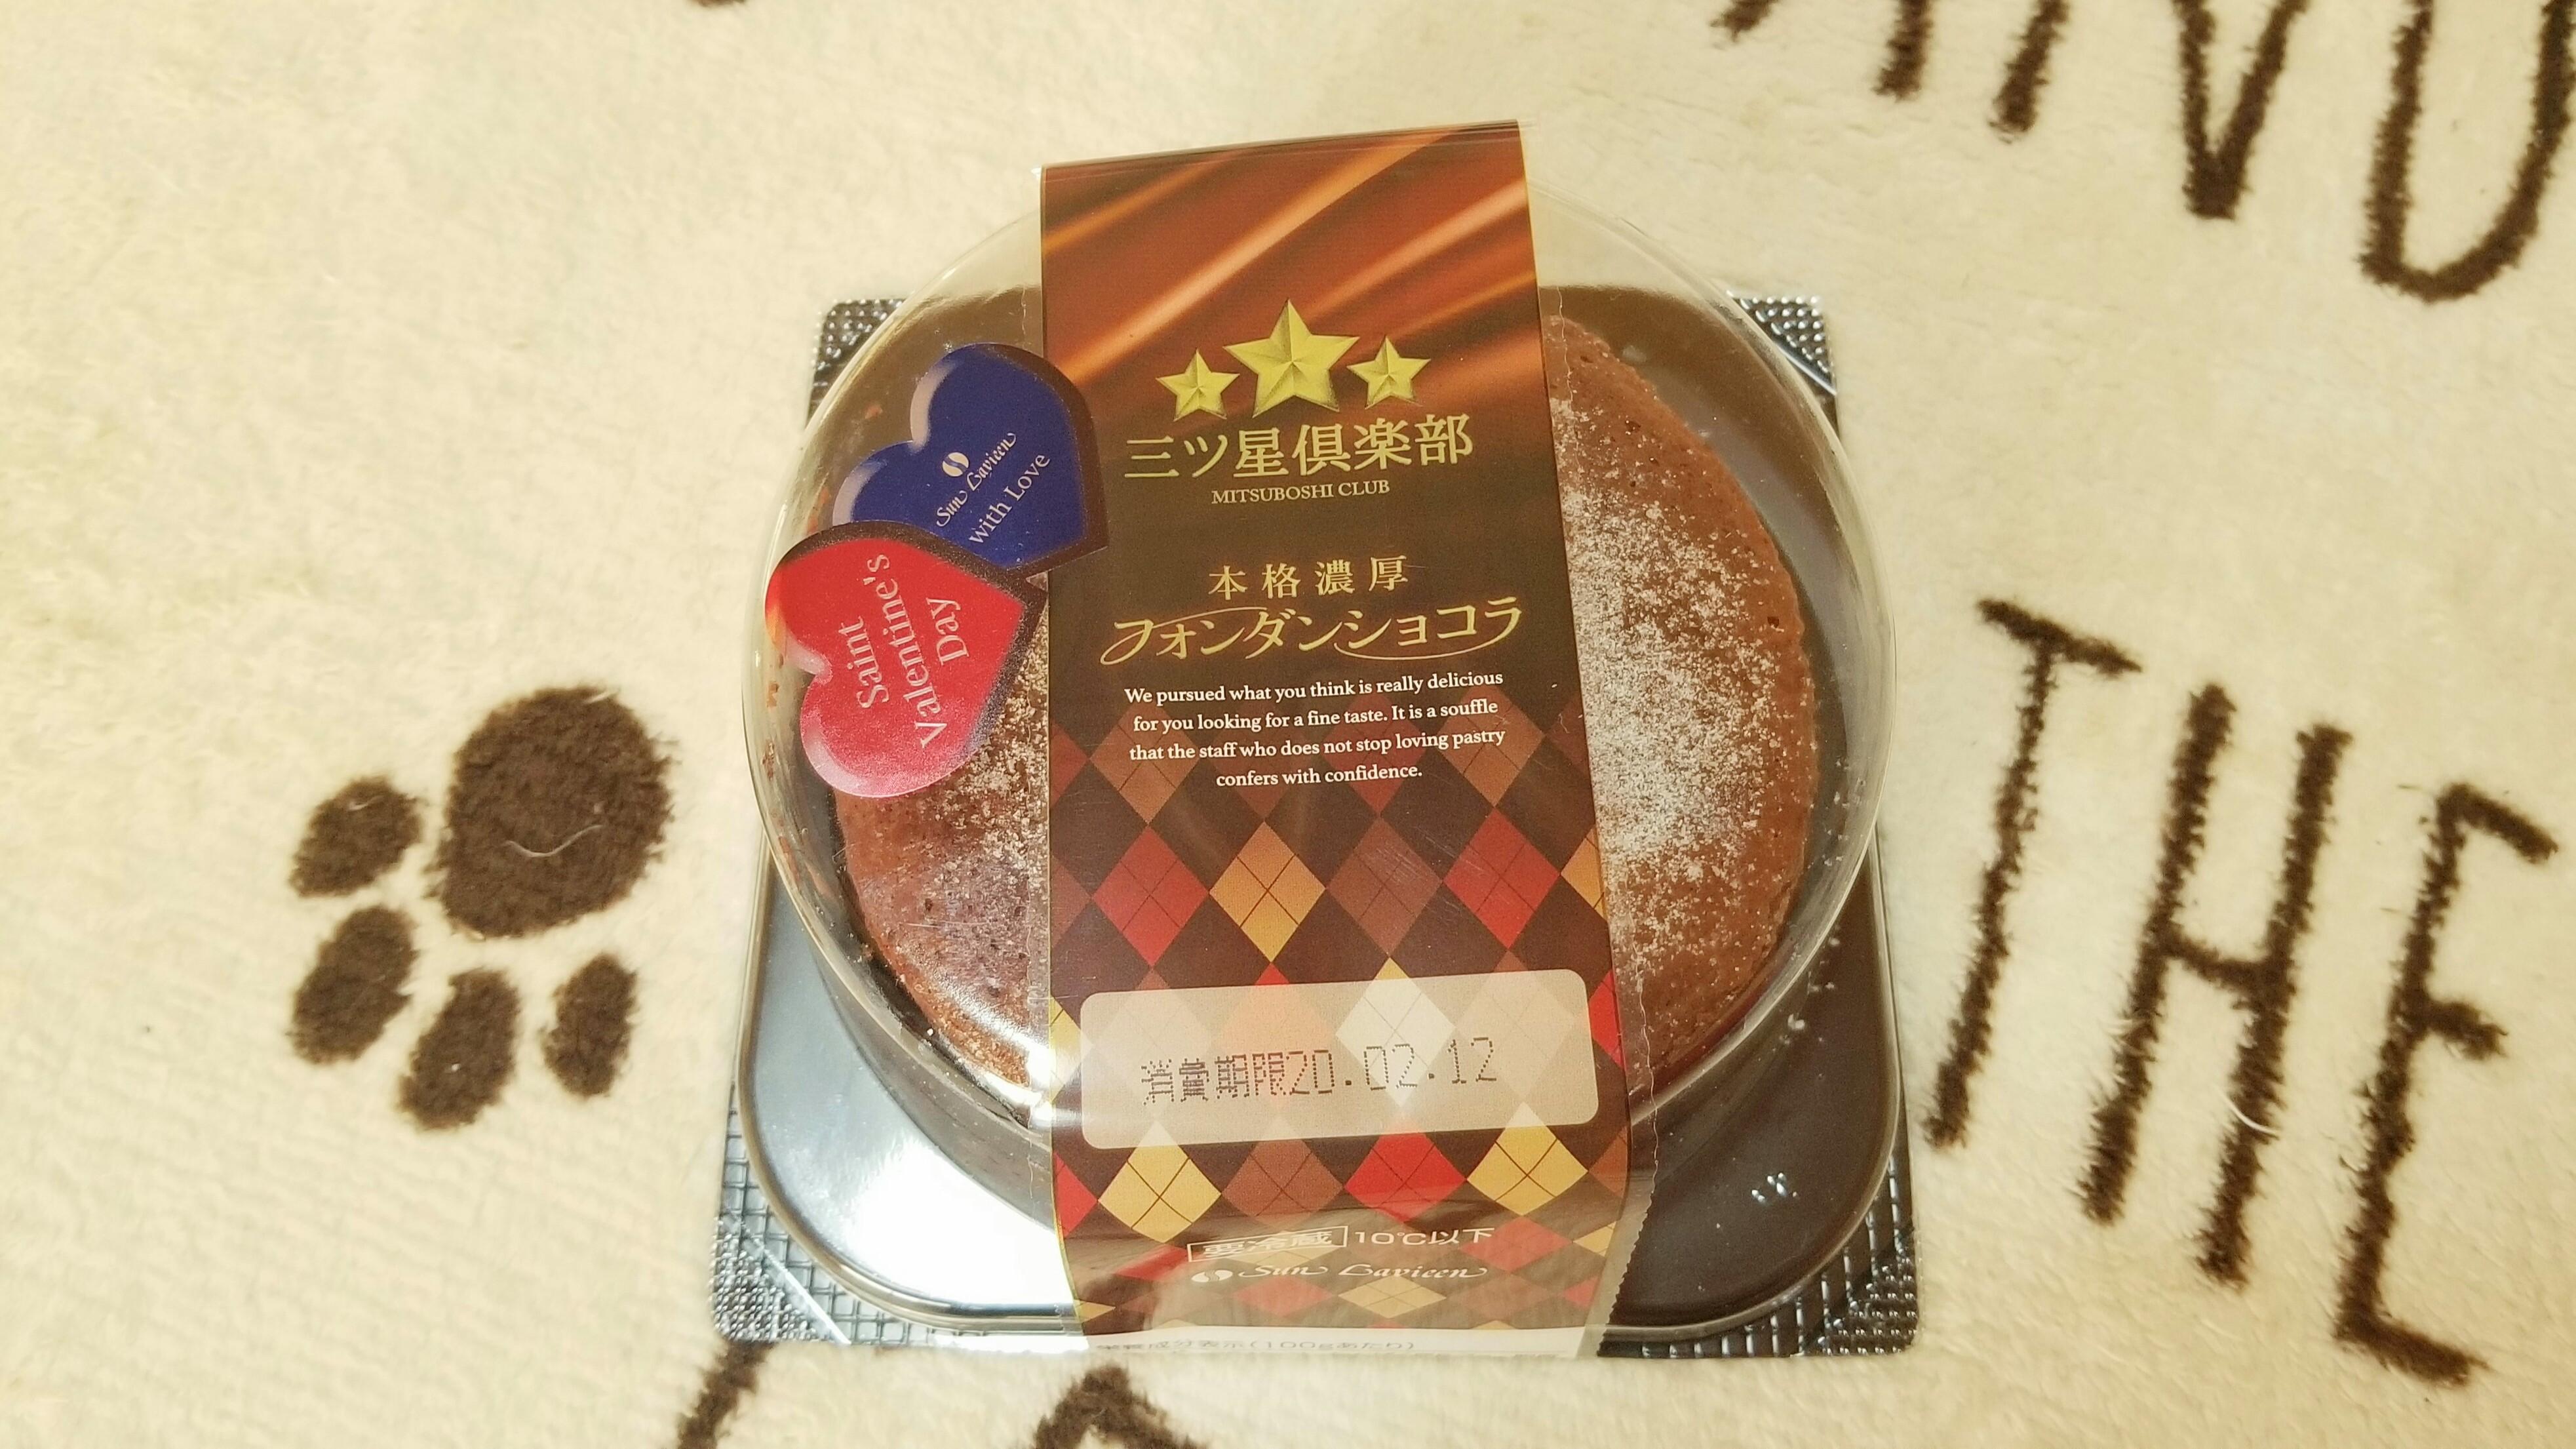 濃厚フォンダンショコラガトーおいしい人気商品おすすめケーキブログ